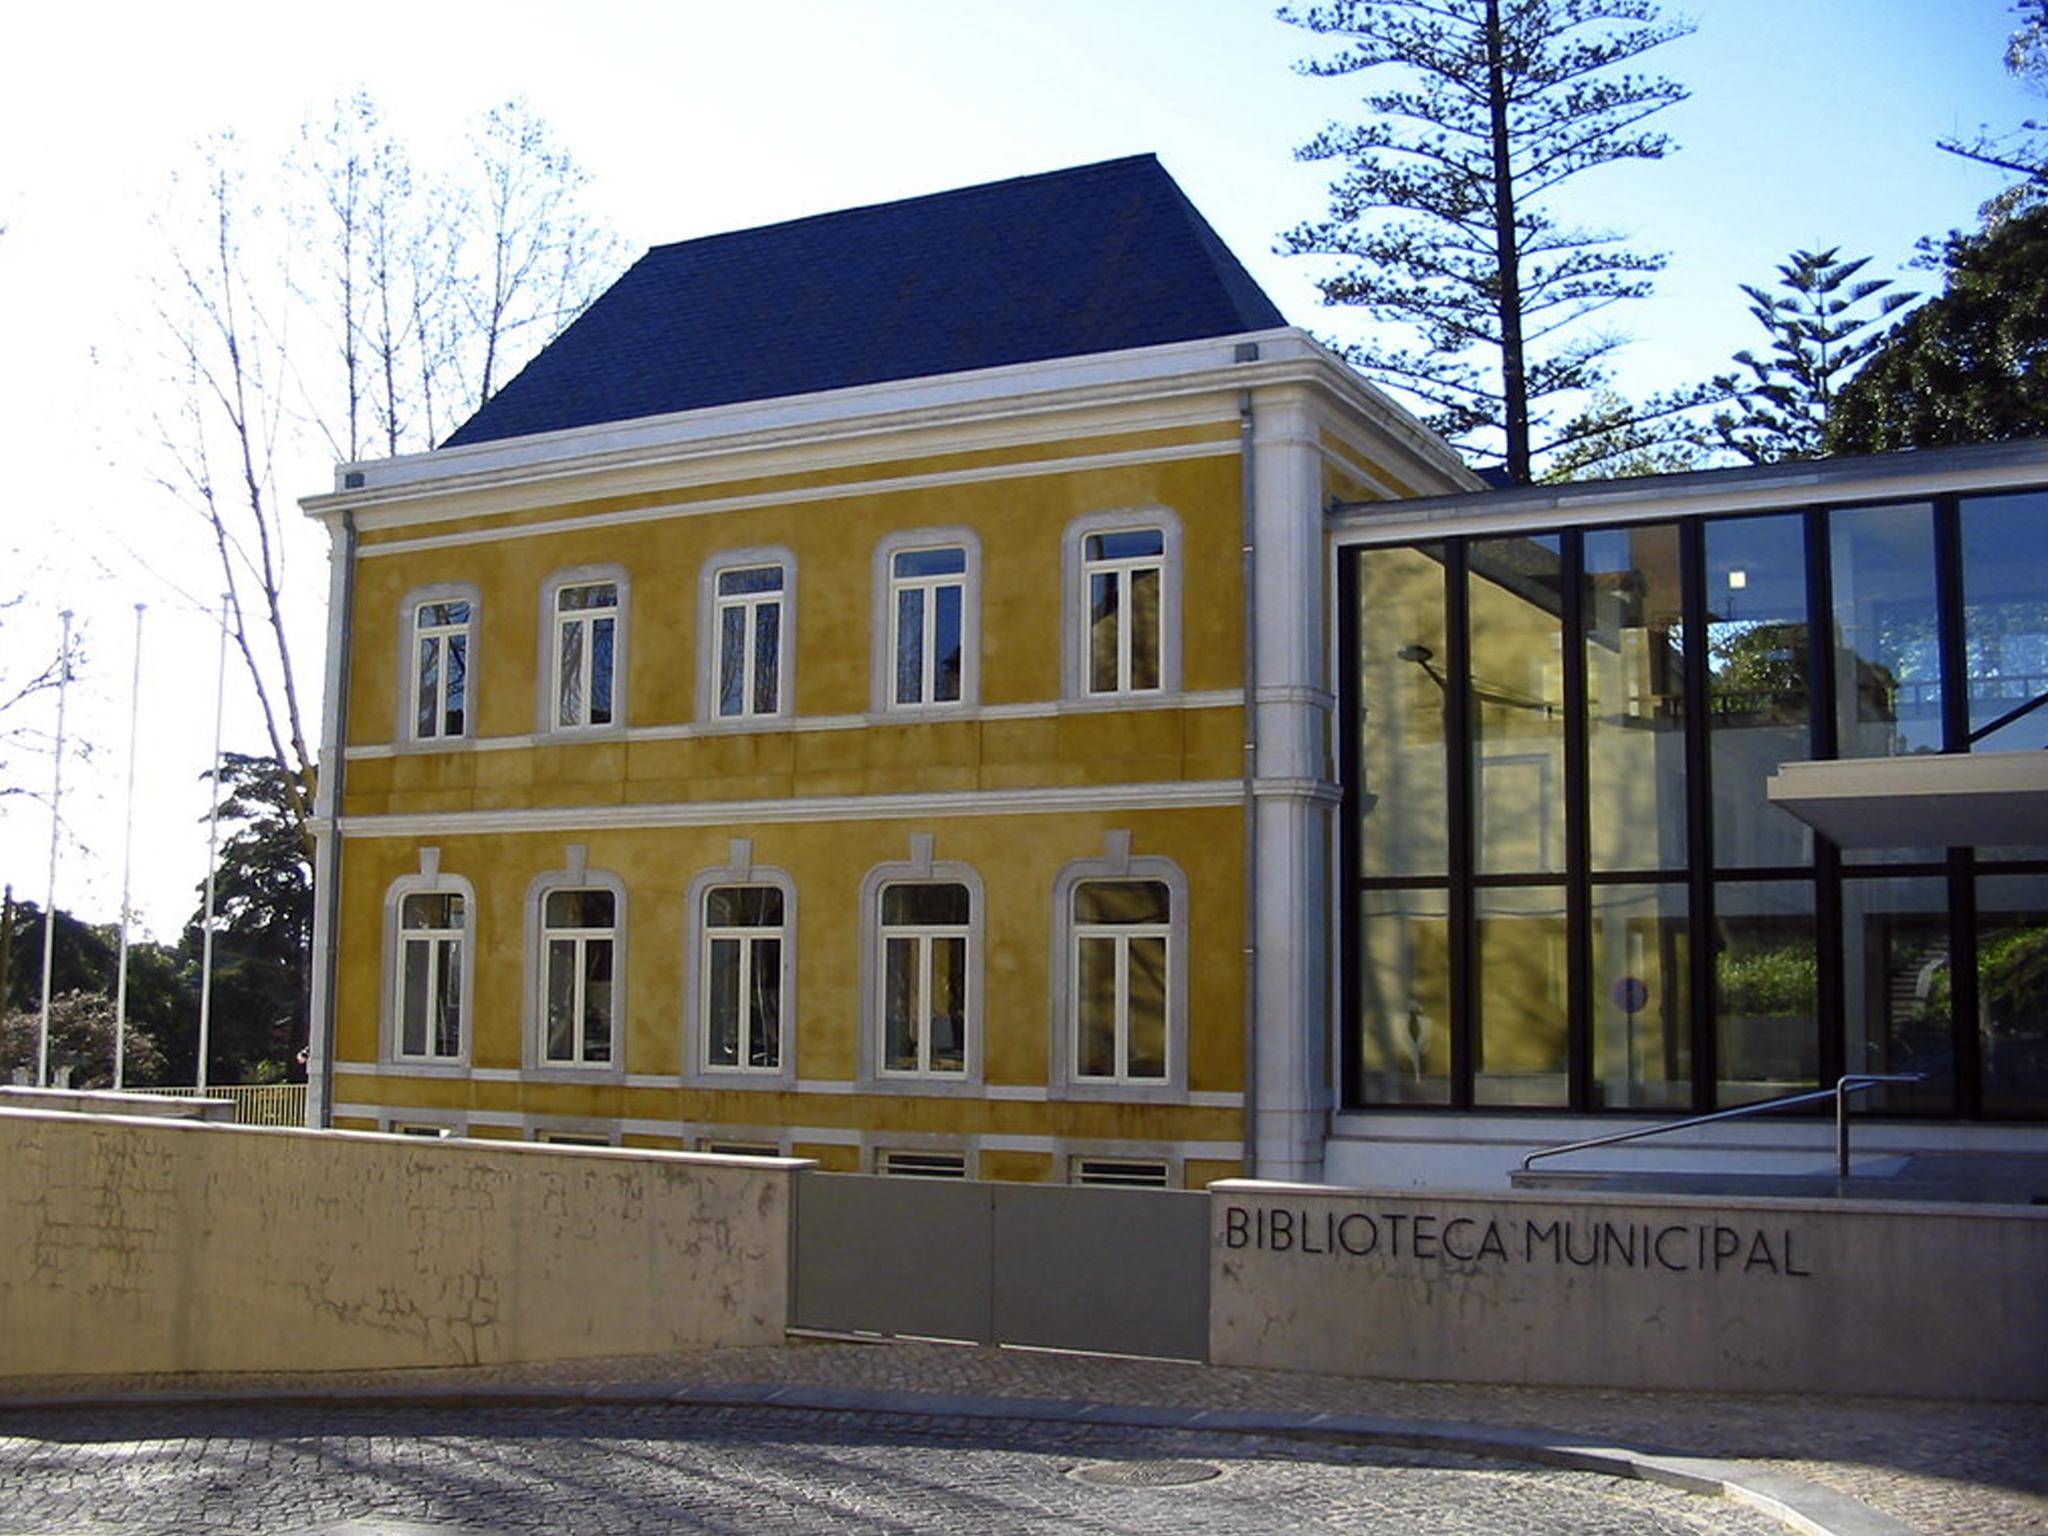 Piquenique de leitura na Biblioteca Municipal de Sintra